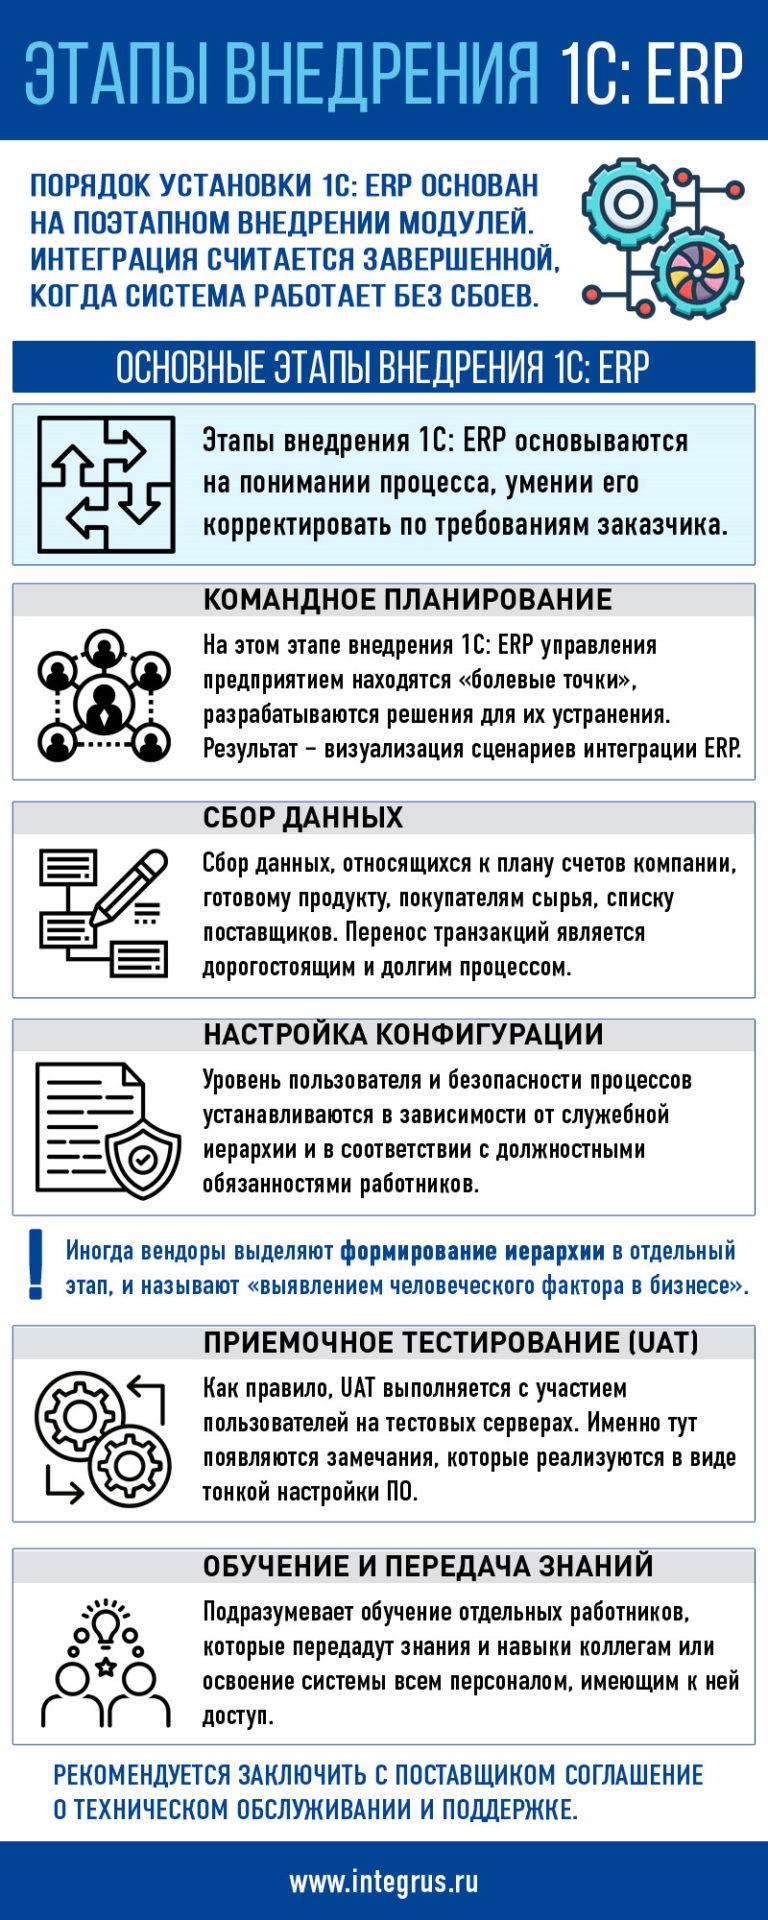 Этапы внедрения 1С ERP